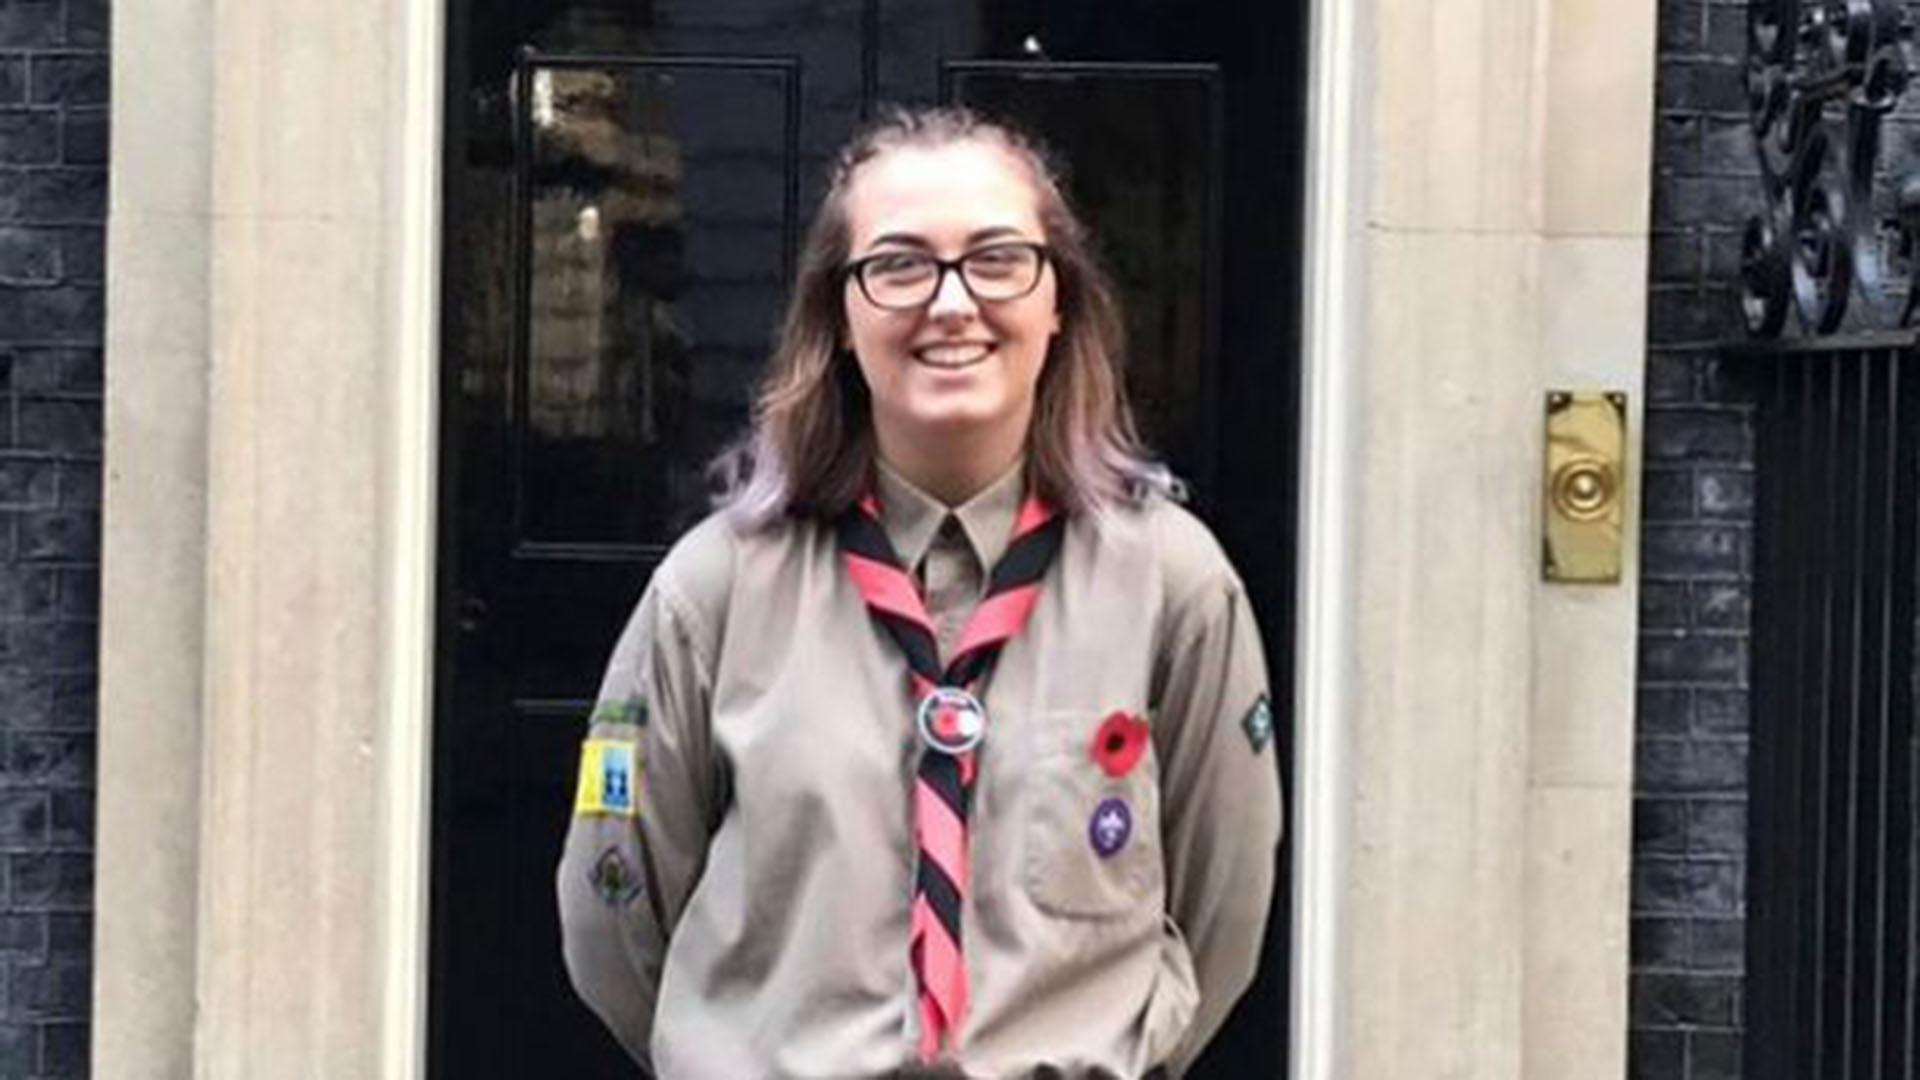 Jodie Chesney tenía 17 y estaba con su novio cuando dos adolescentes se le acercaron y, sin mediar palabras, la apuñalaron por la espalda en el este de Londres